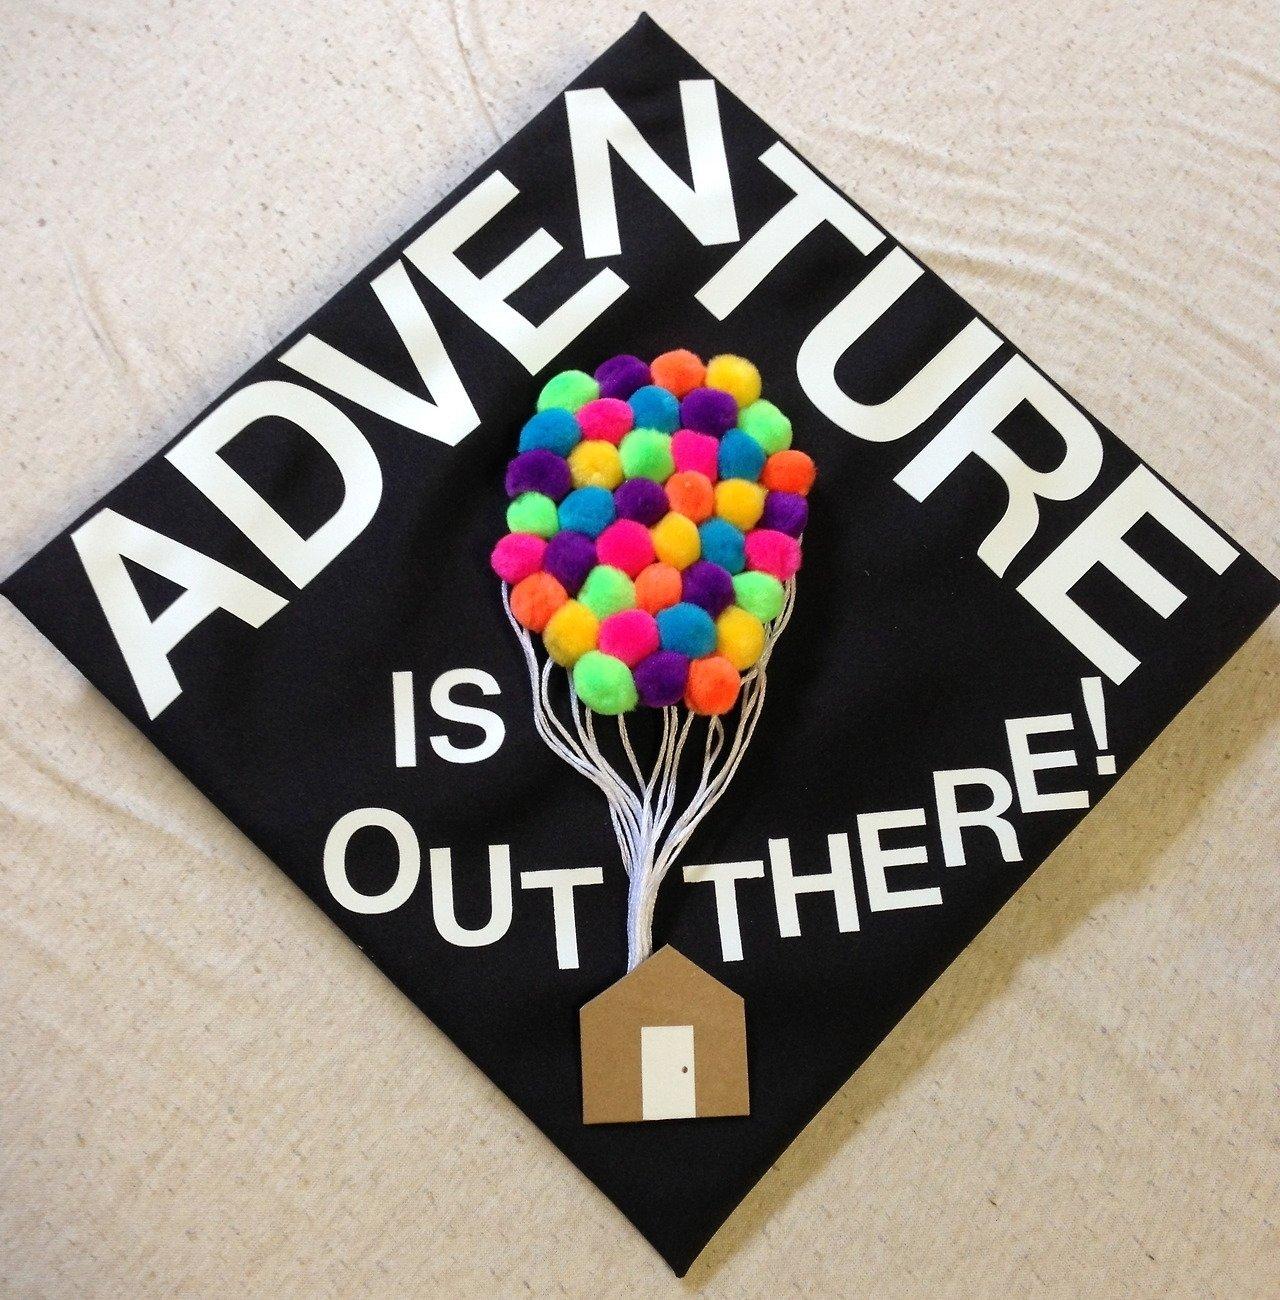 10 Most Recommended College Graduation Cap Decoration Ideas disney pixar graduation caps diy cap decoration ideas for graduates